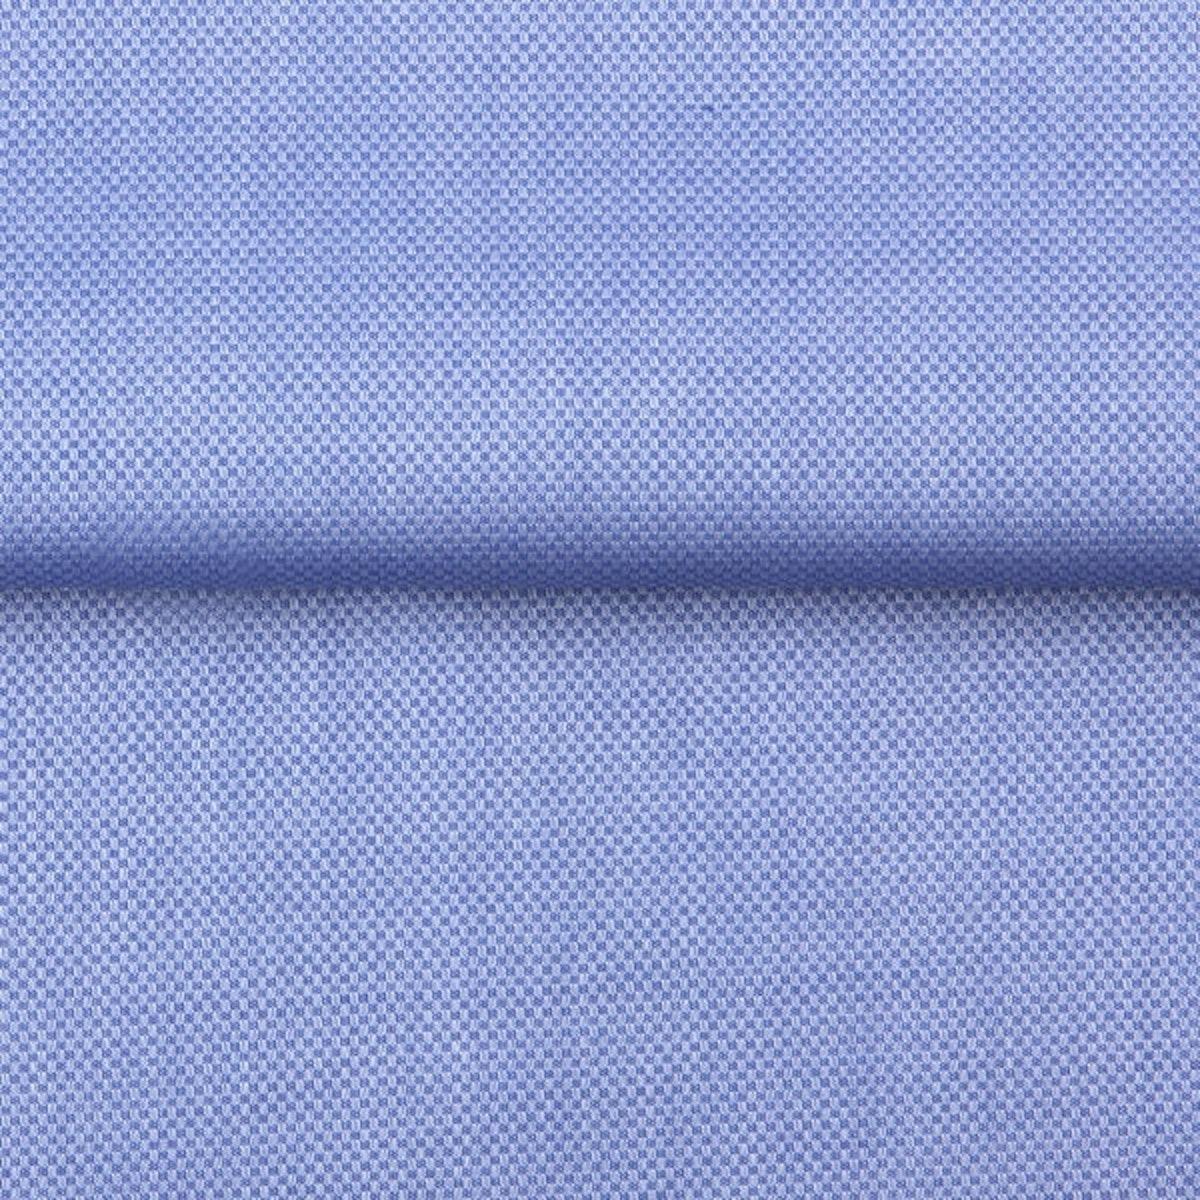 InStitchu Shirt Fabric 73